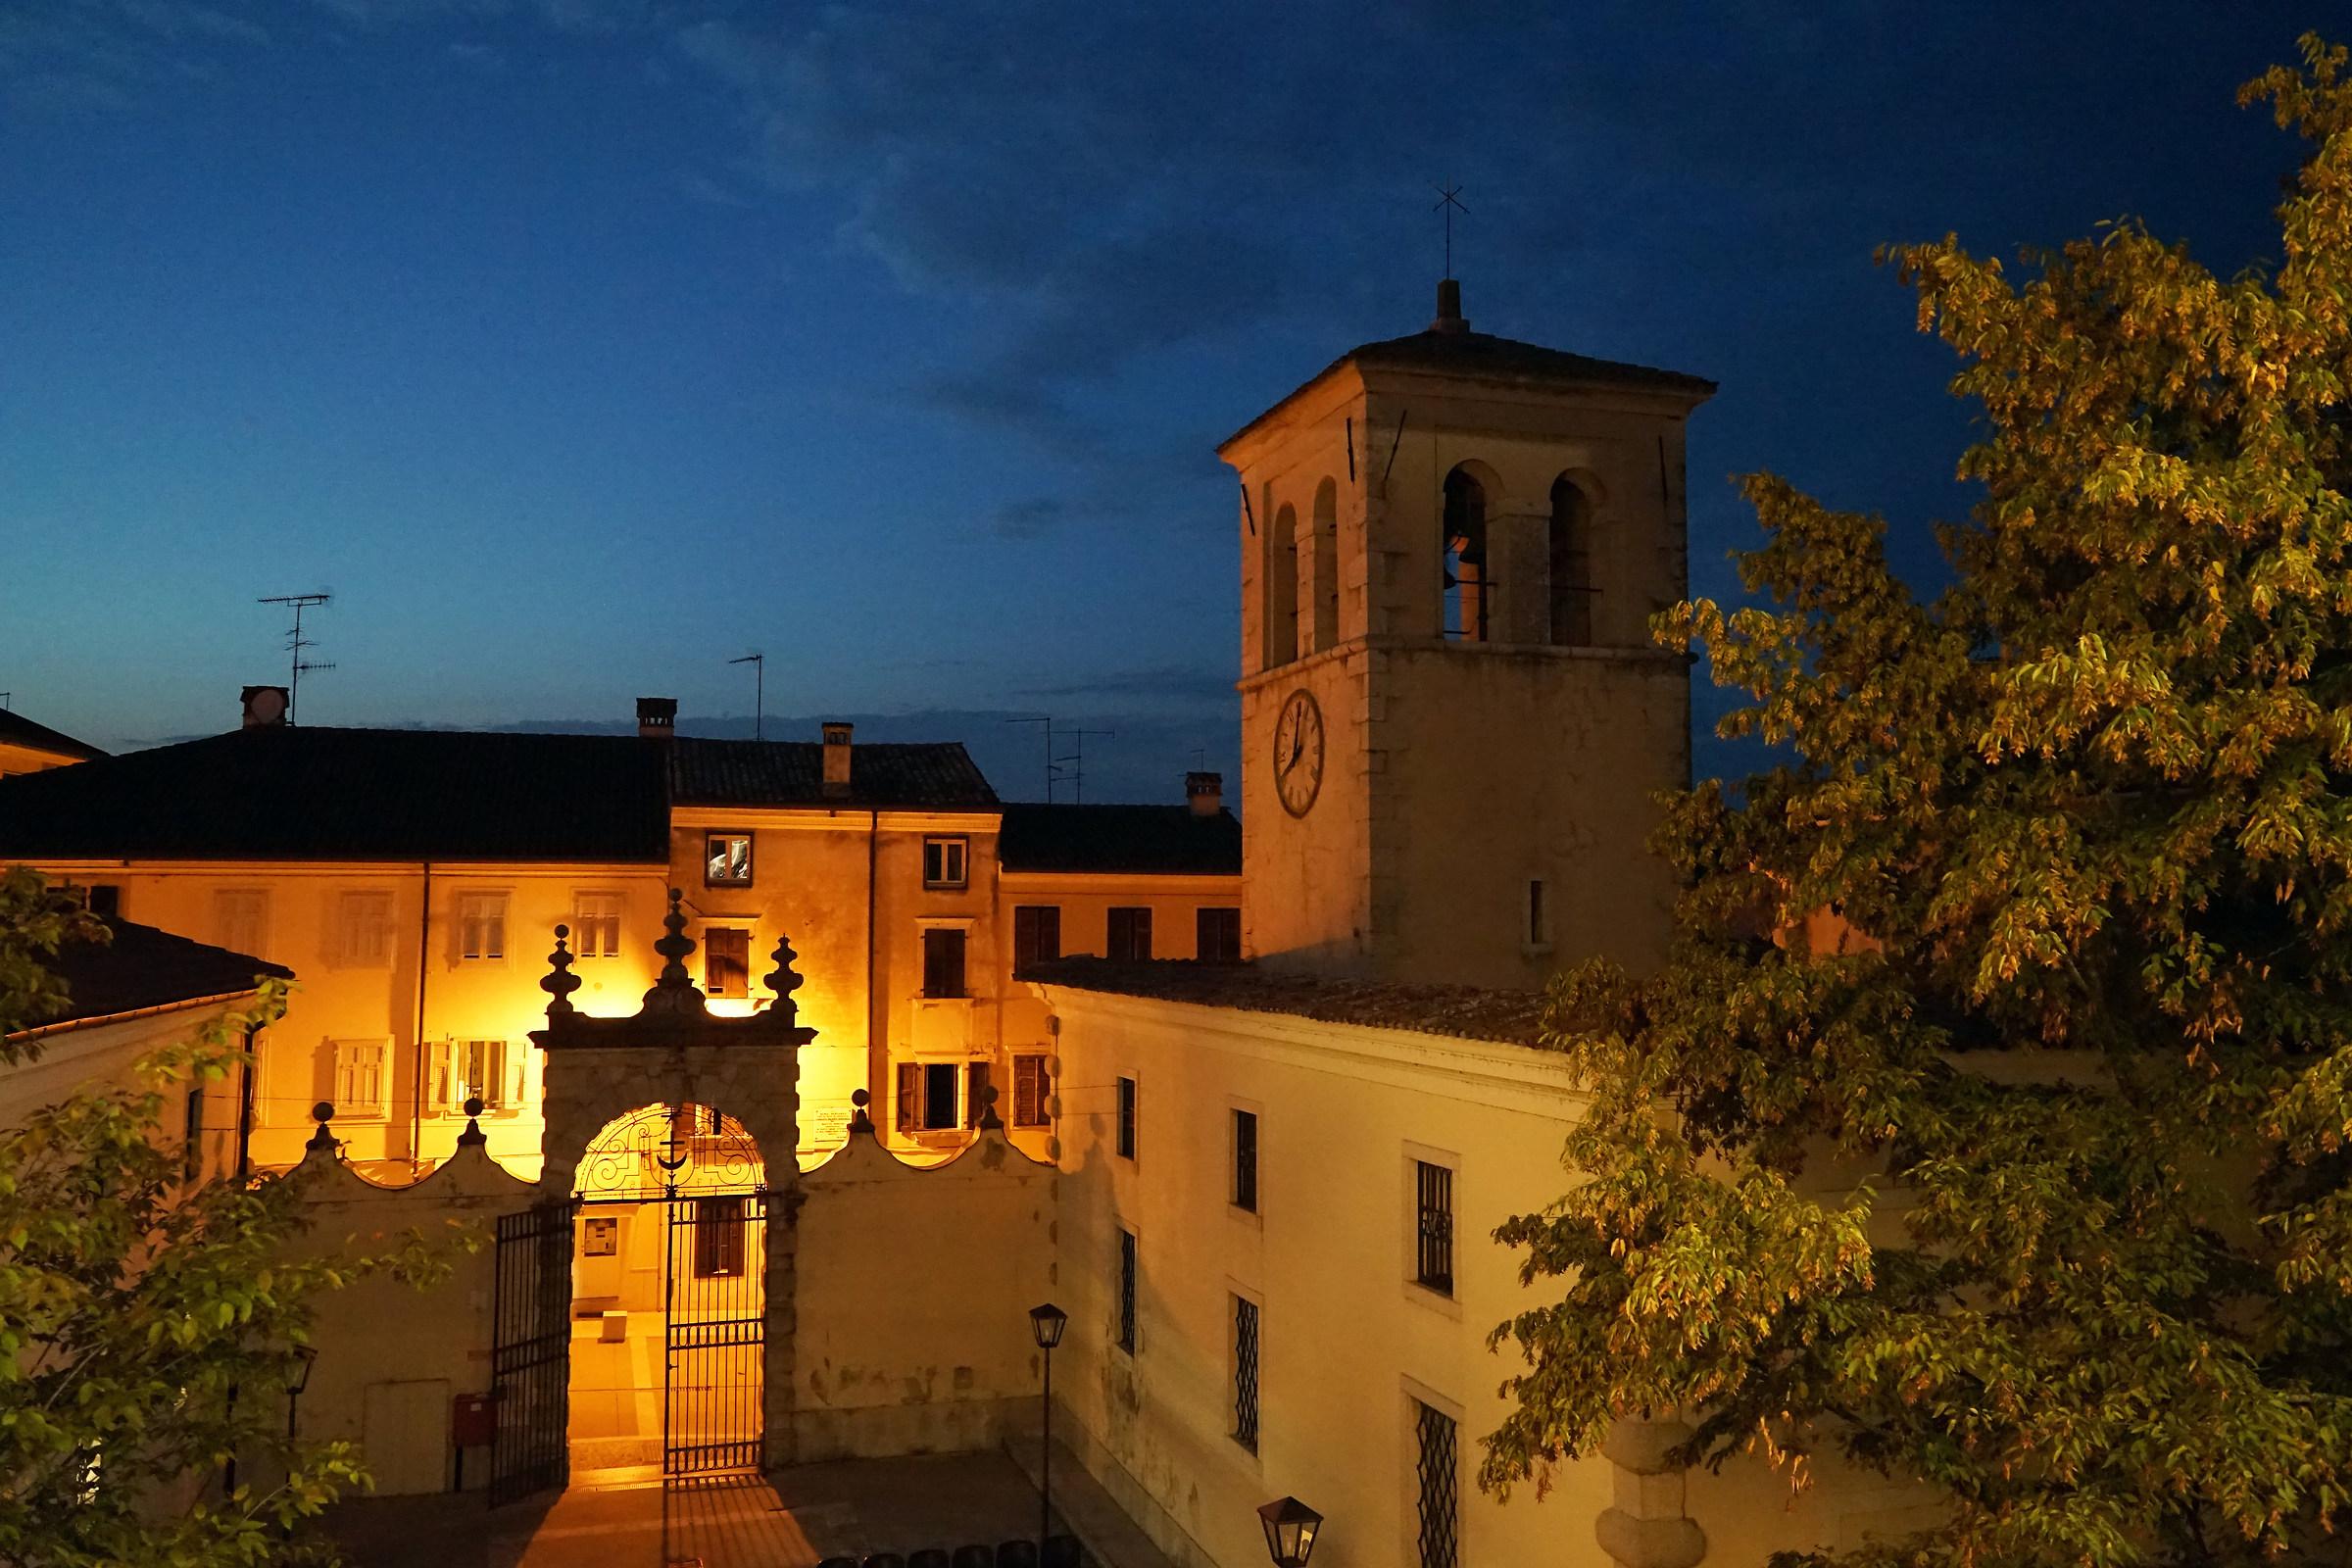 Il Duomo di Gradisca d'Isonzo...